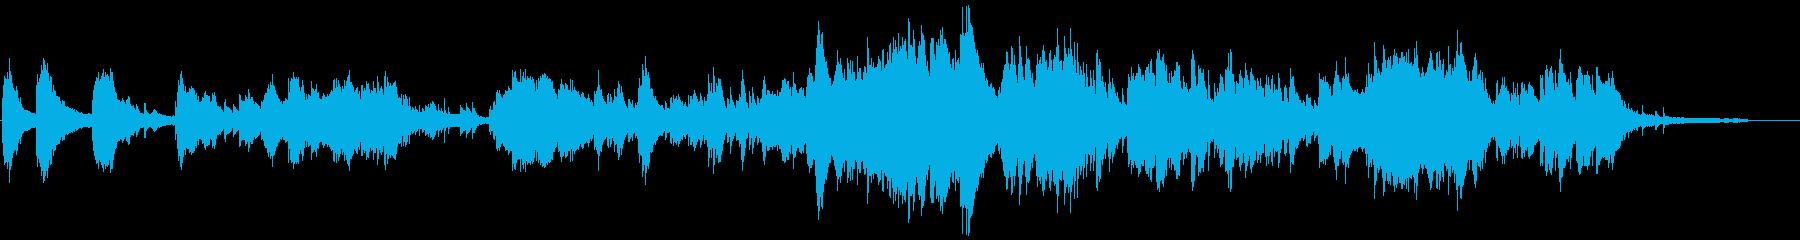 現代音楽、無拍子のピアノ曲ですの再生済みの波形